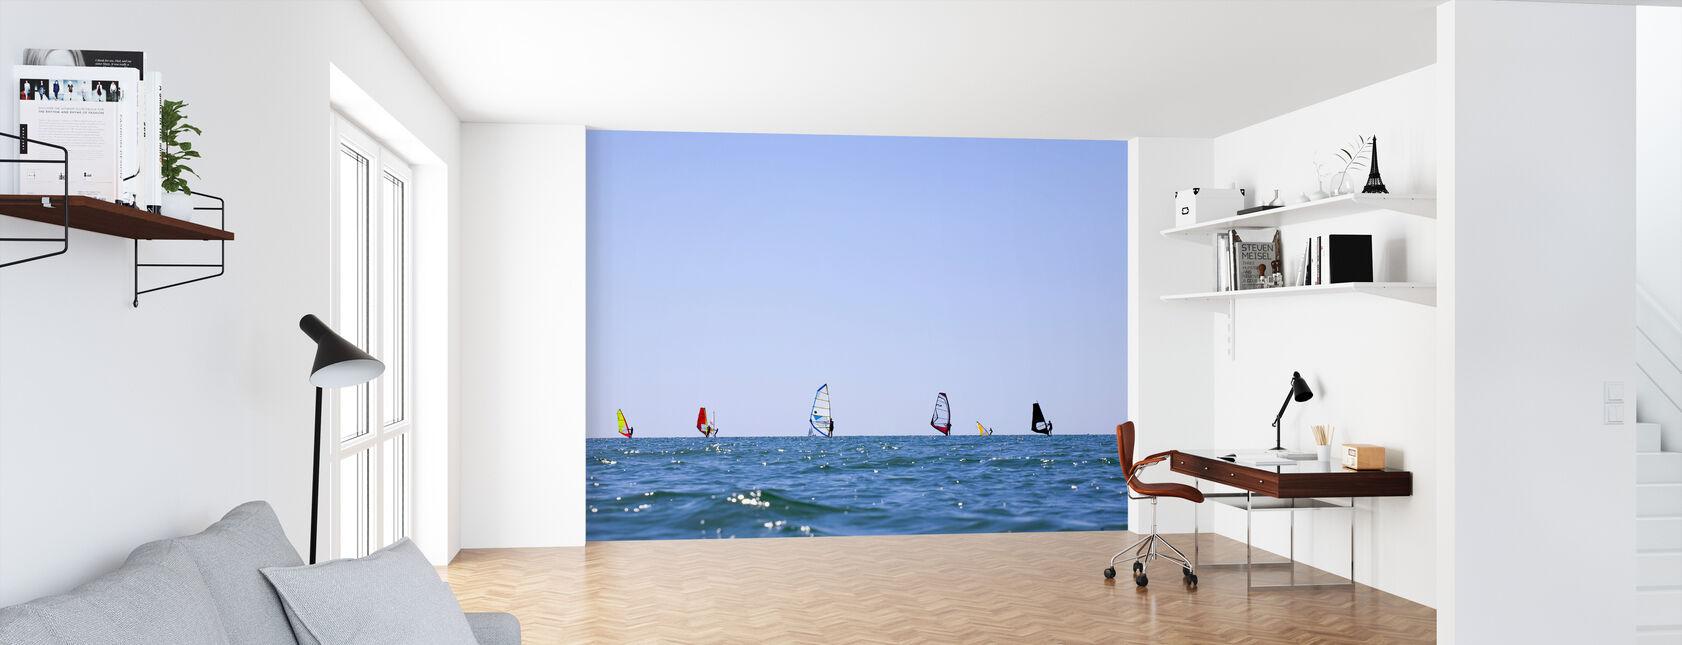 Windsurfen in Varberg, Zweden - Behang - Kantoor